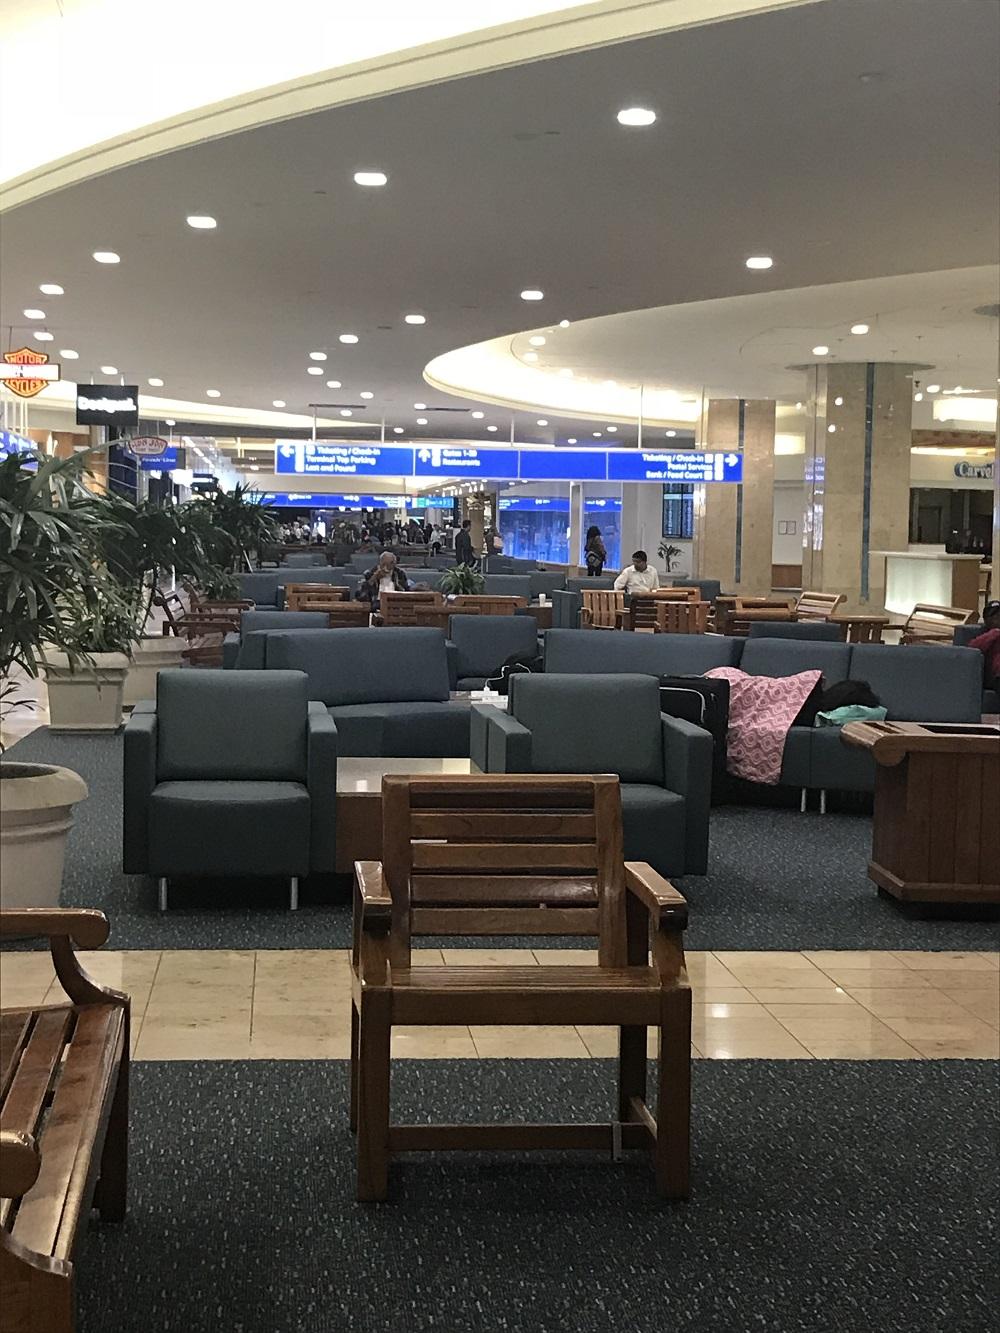 オーランド国際空港の写真